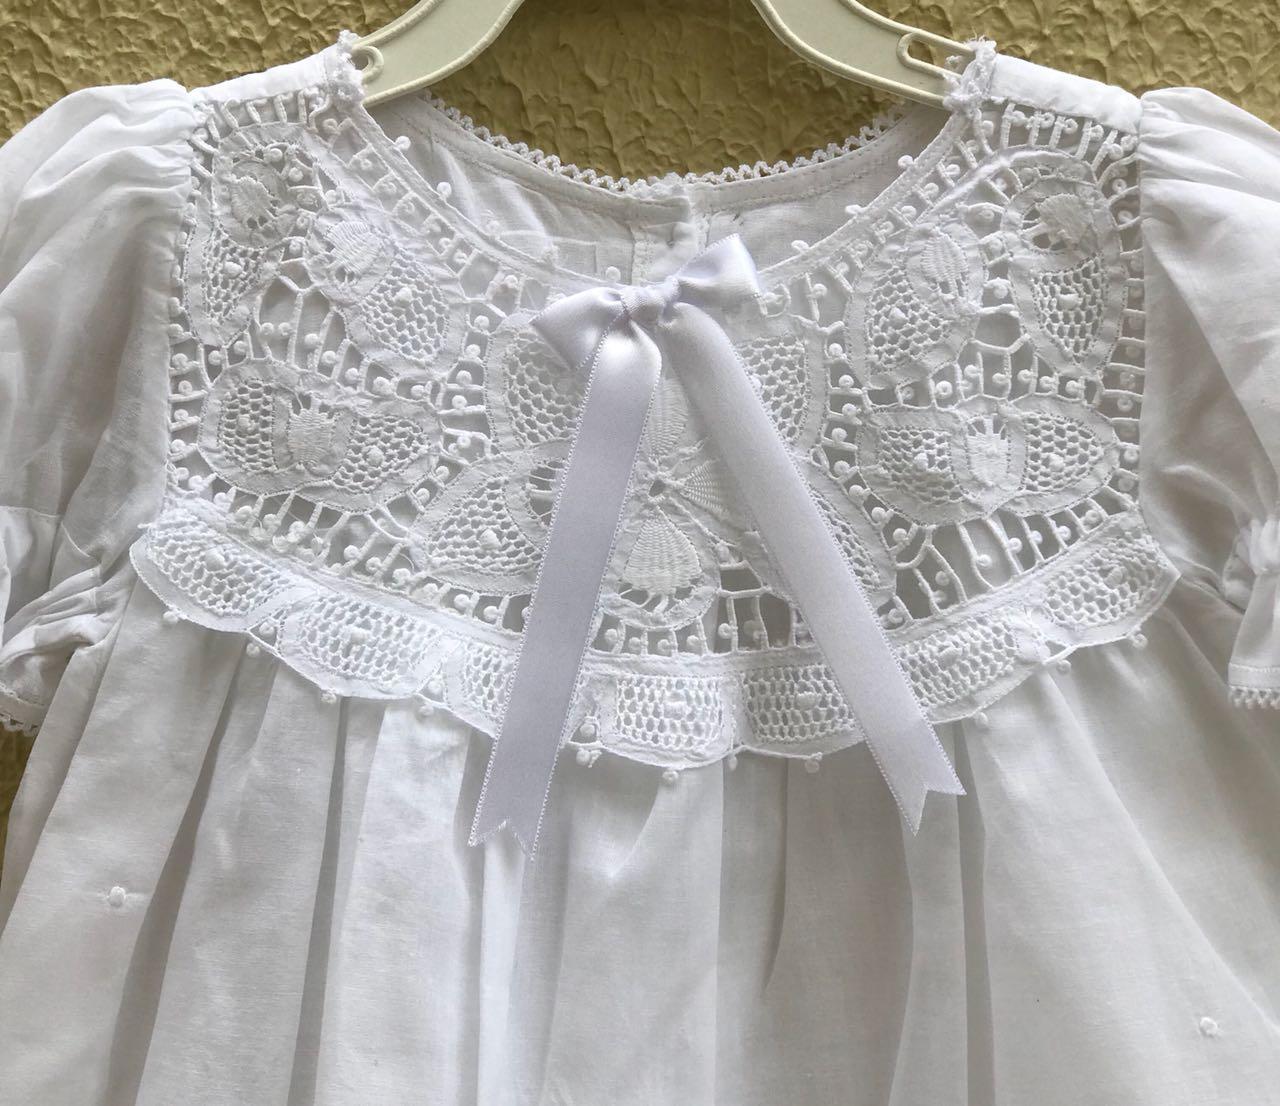 Vestido Bordado a Mão com Pala em Renda Renascença 3-6 M  - Bordados do Ceará - Jutnet